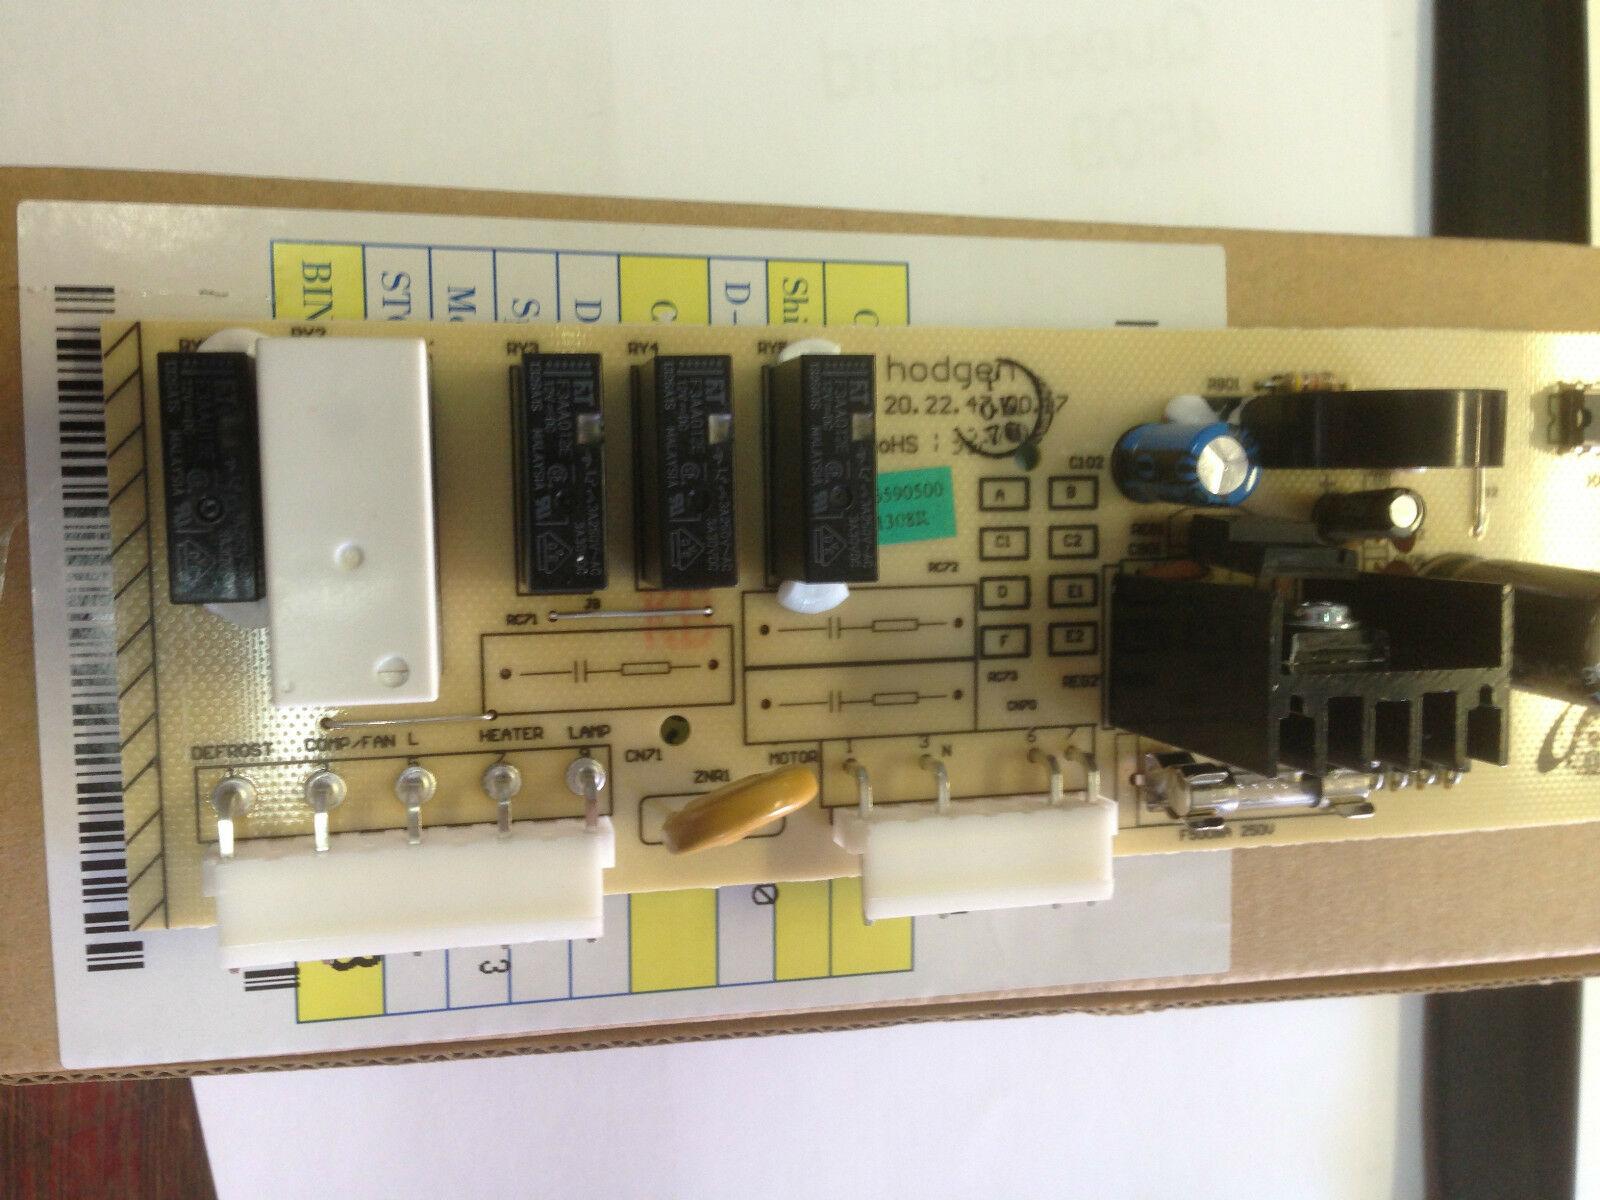 NEW SAMSUNG FRIDGE FREEZER MAIN CONTROL BOARD DA41-00205C